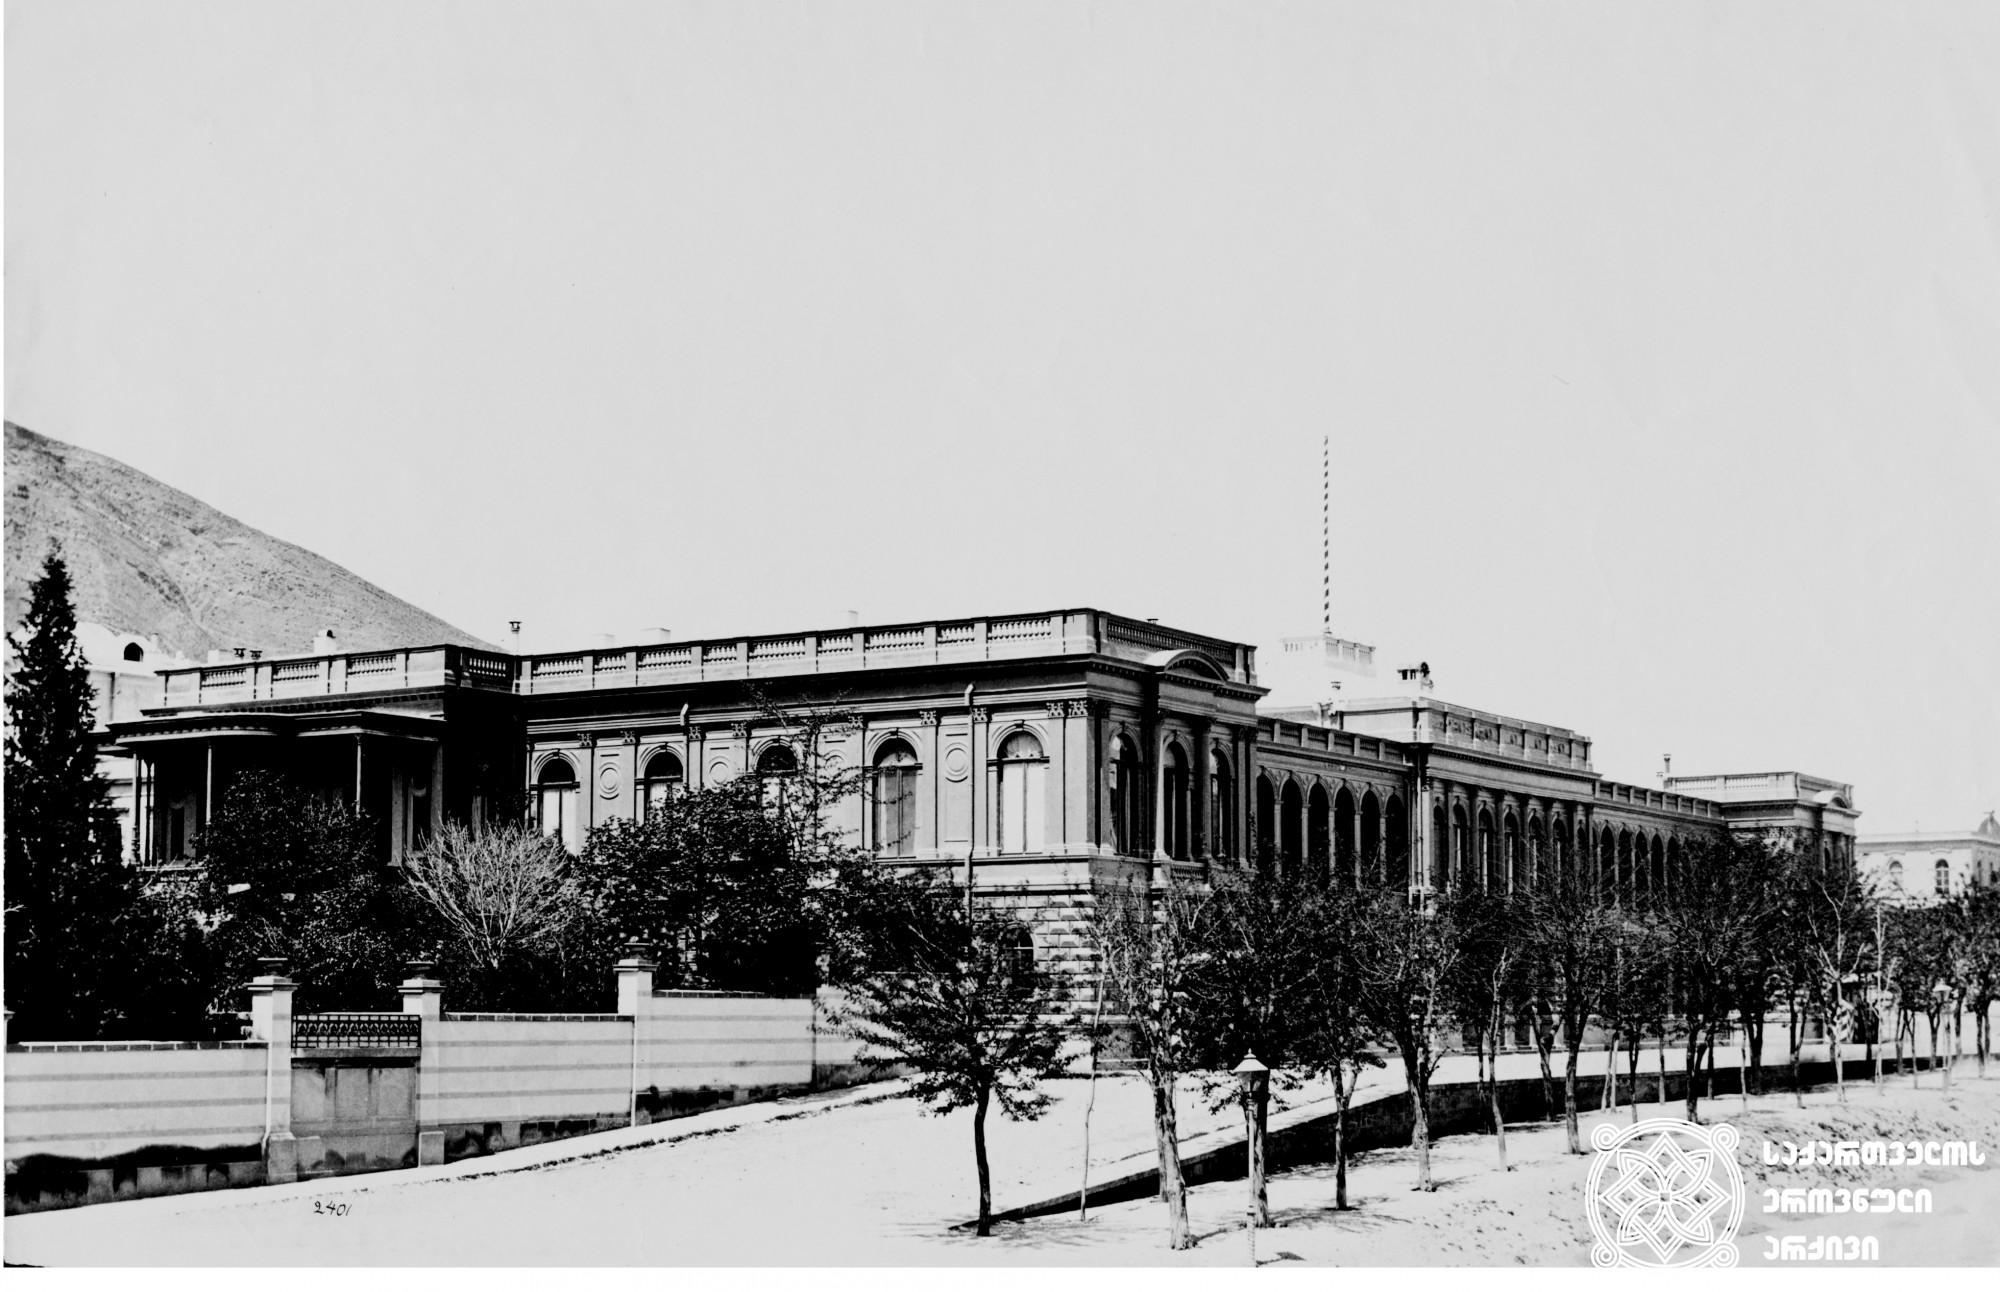 ამიერკავკასიის სეიმისა და მთავრობის სასახლე (ყოფილი რუსეთის მეფისნაცვლის სასახლე) <>br Transcaucasian Sejm and Government Palace (Former Palace of Russian Vicegerent)